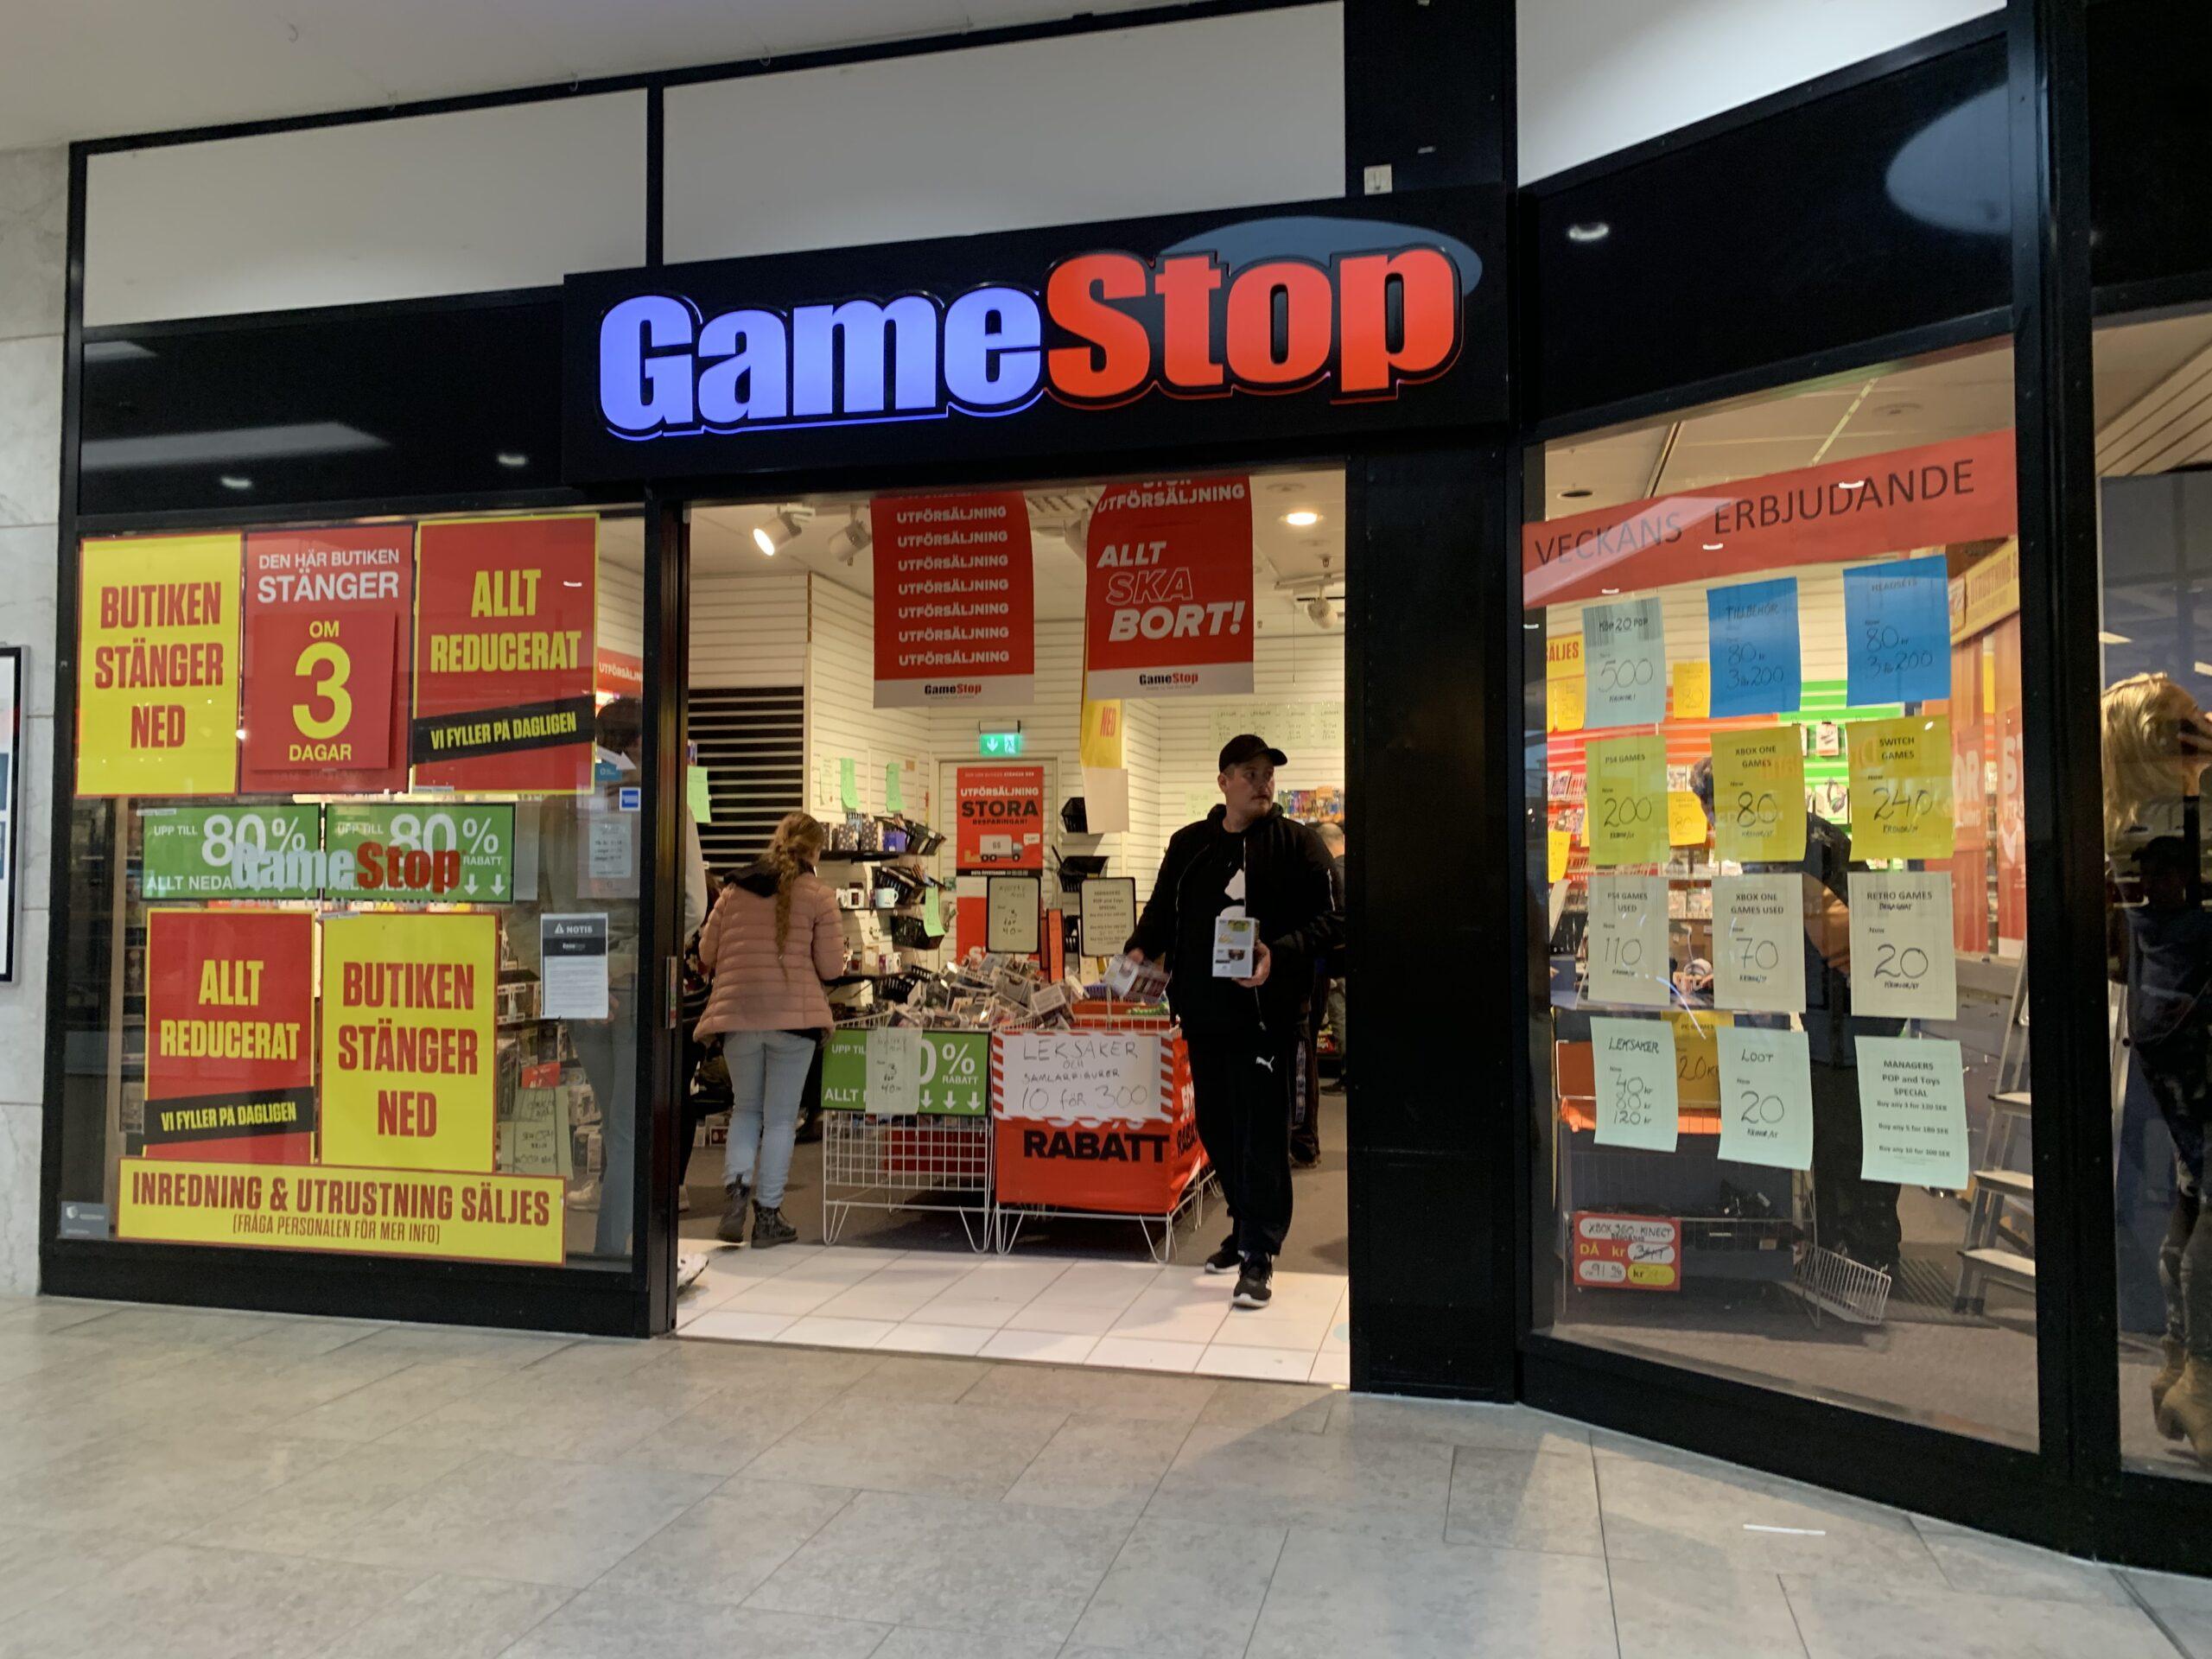 誰贏得了GameStop的賭注?